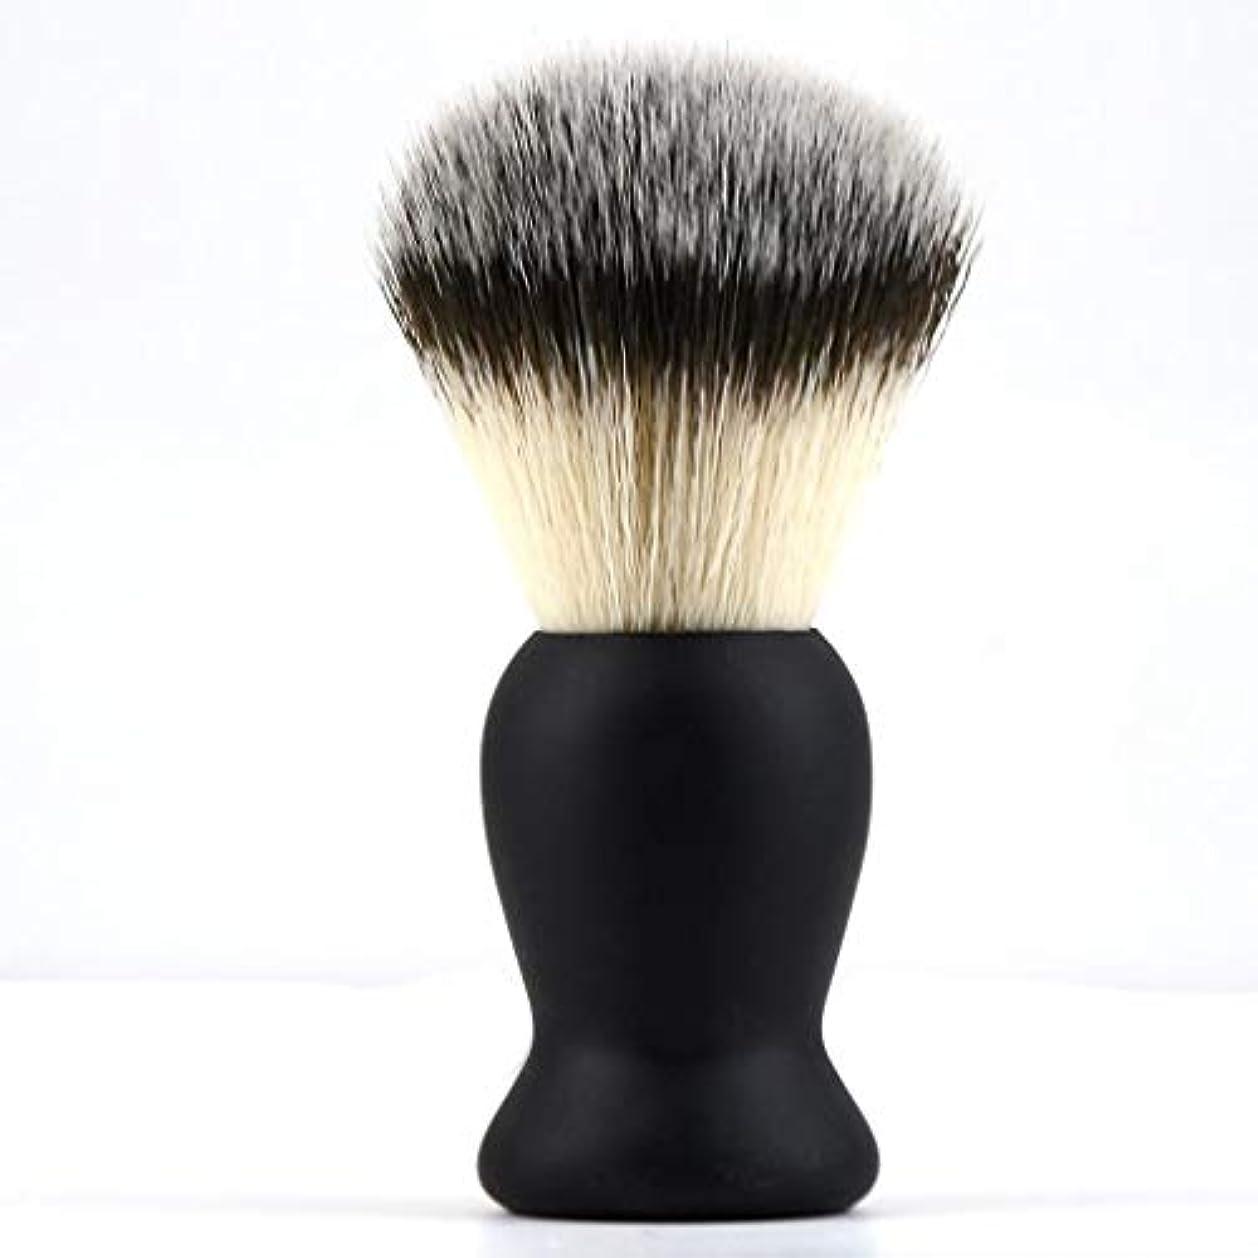 アメリカ真っ逆さま見物人Hellery 髭剃り ブラシ シェービングブラシ ひげブラシ サロン ナイロン毛 柔らかい ひげ剃り 理容 便携